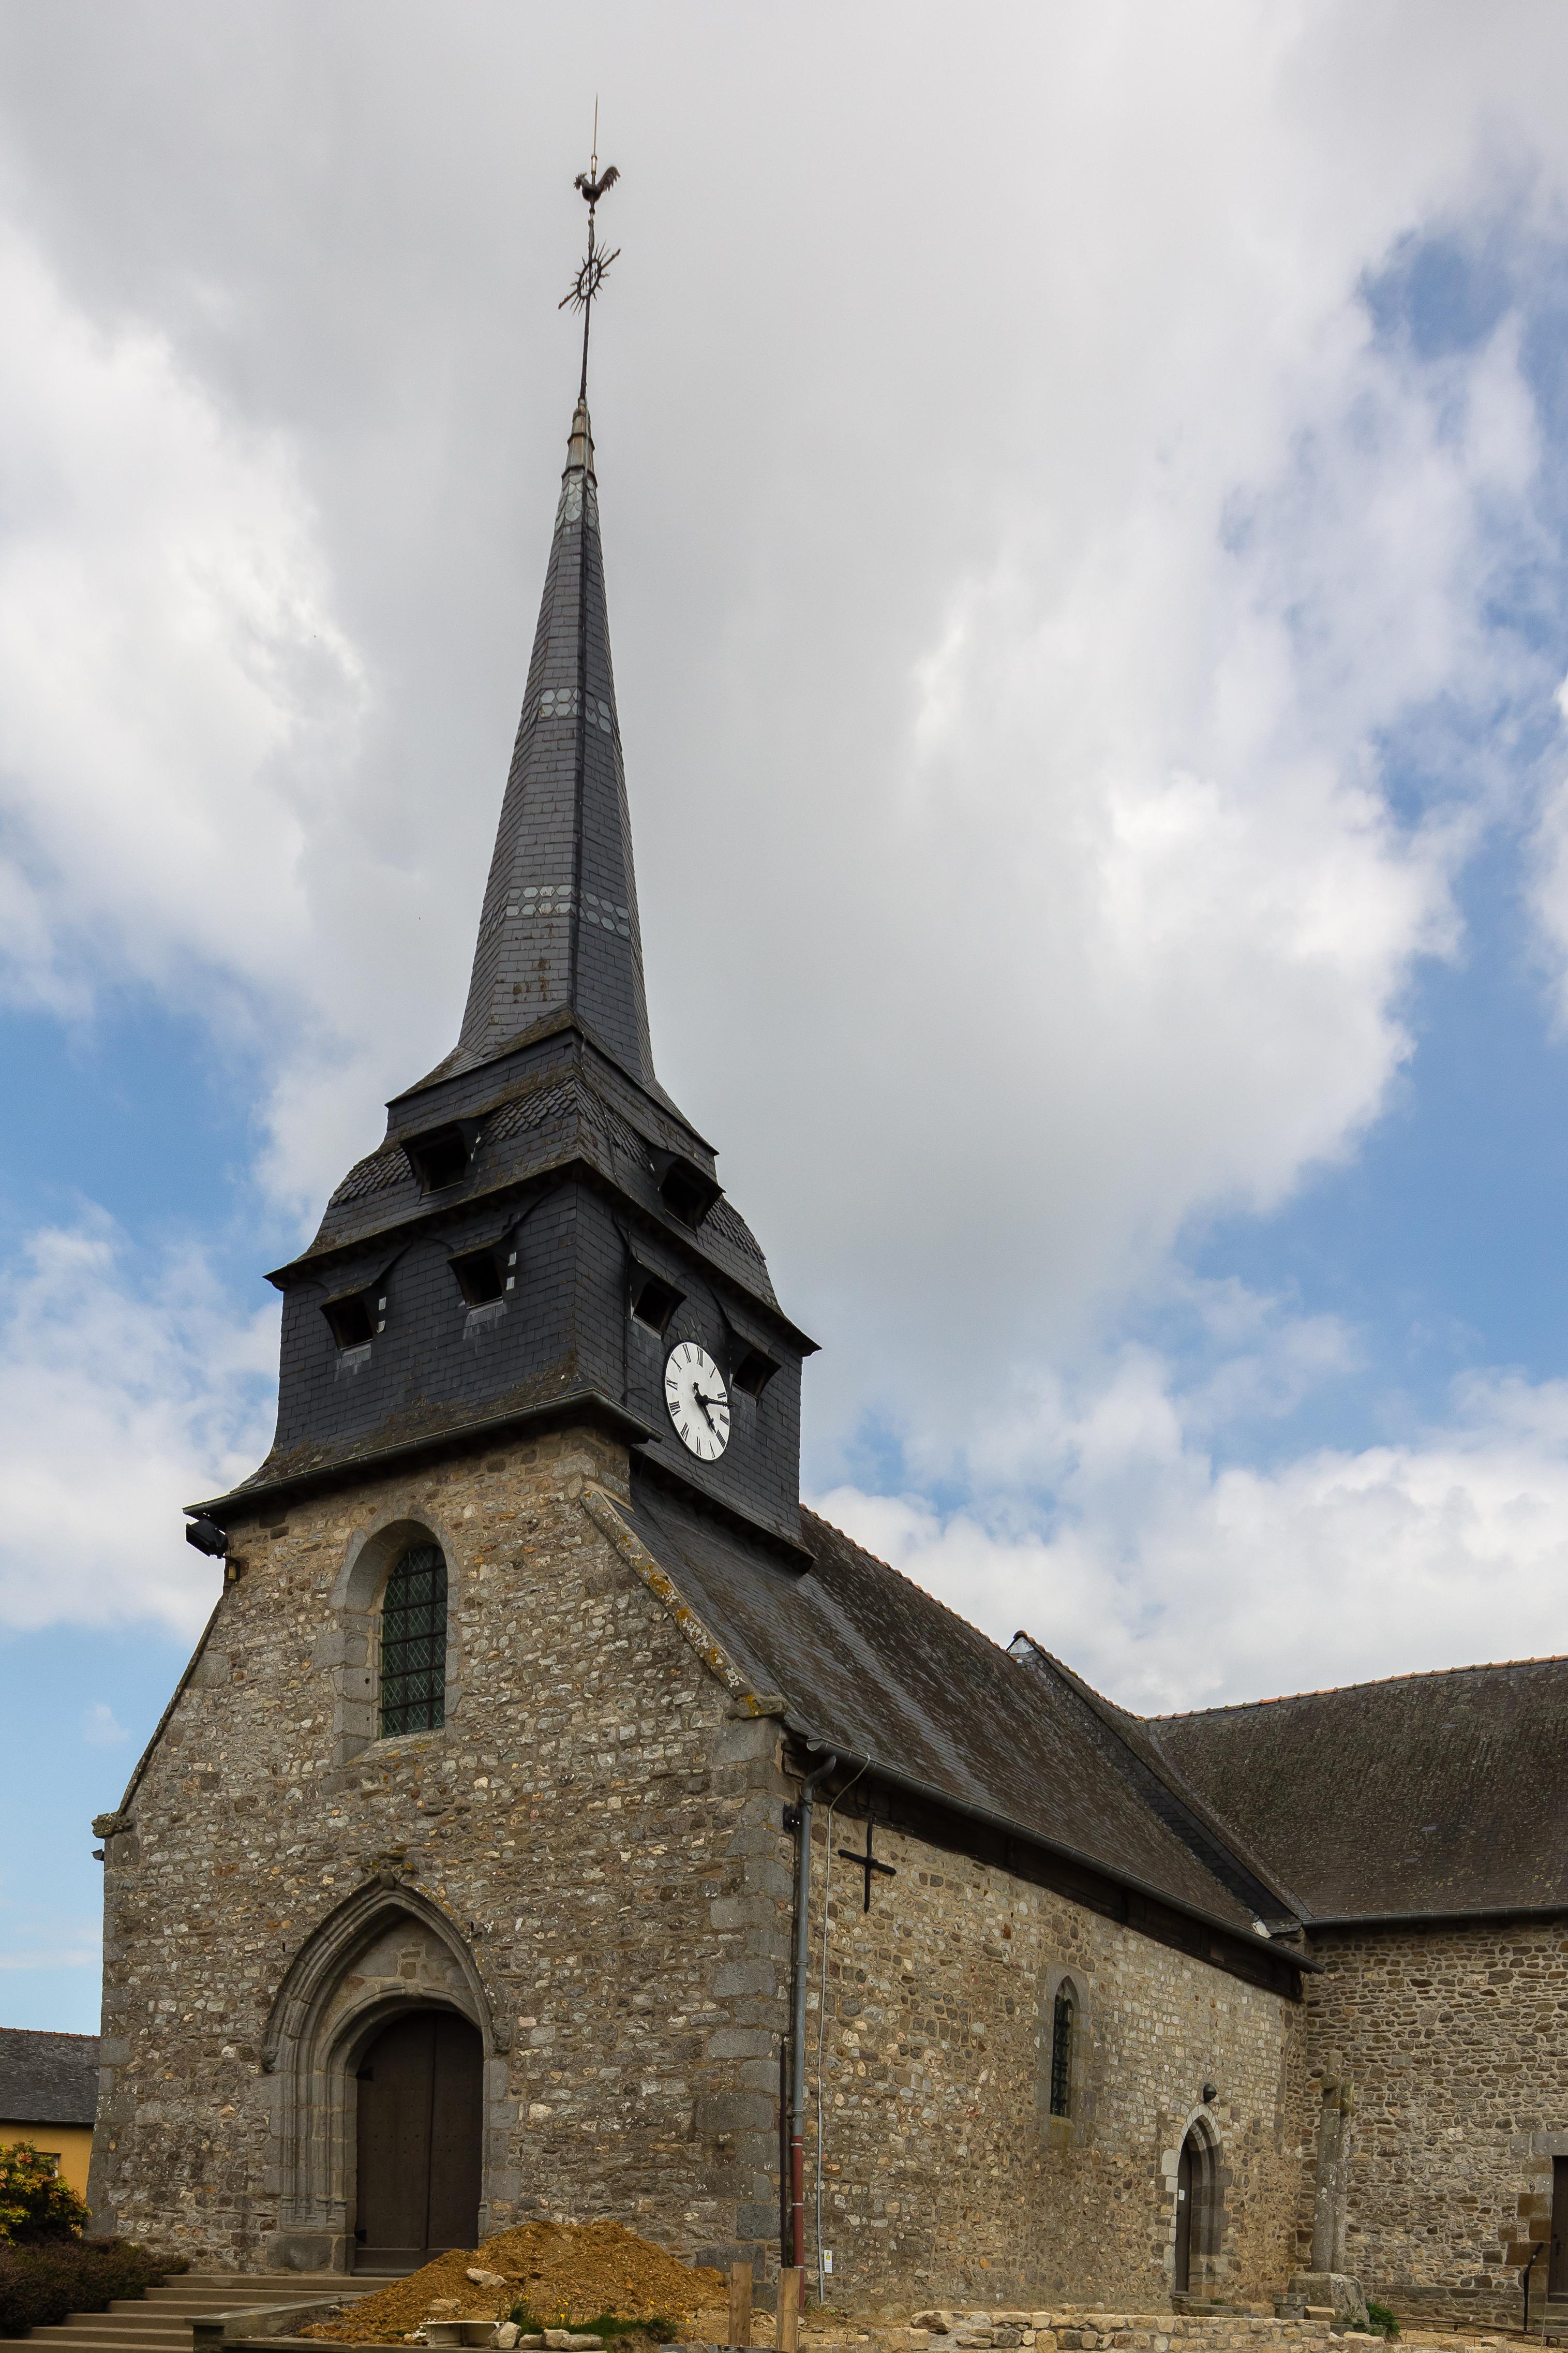 Narbonne Version 3 1: File:Clocher De L'église Saint-Melaine De Vignoc, France